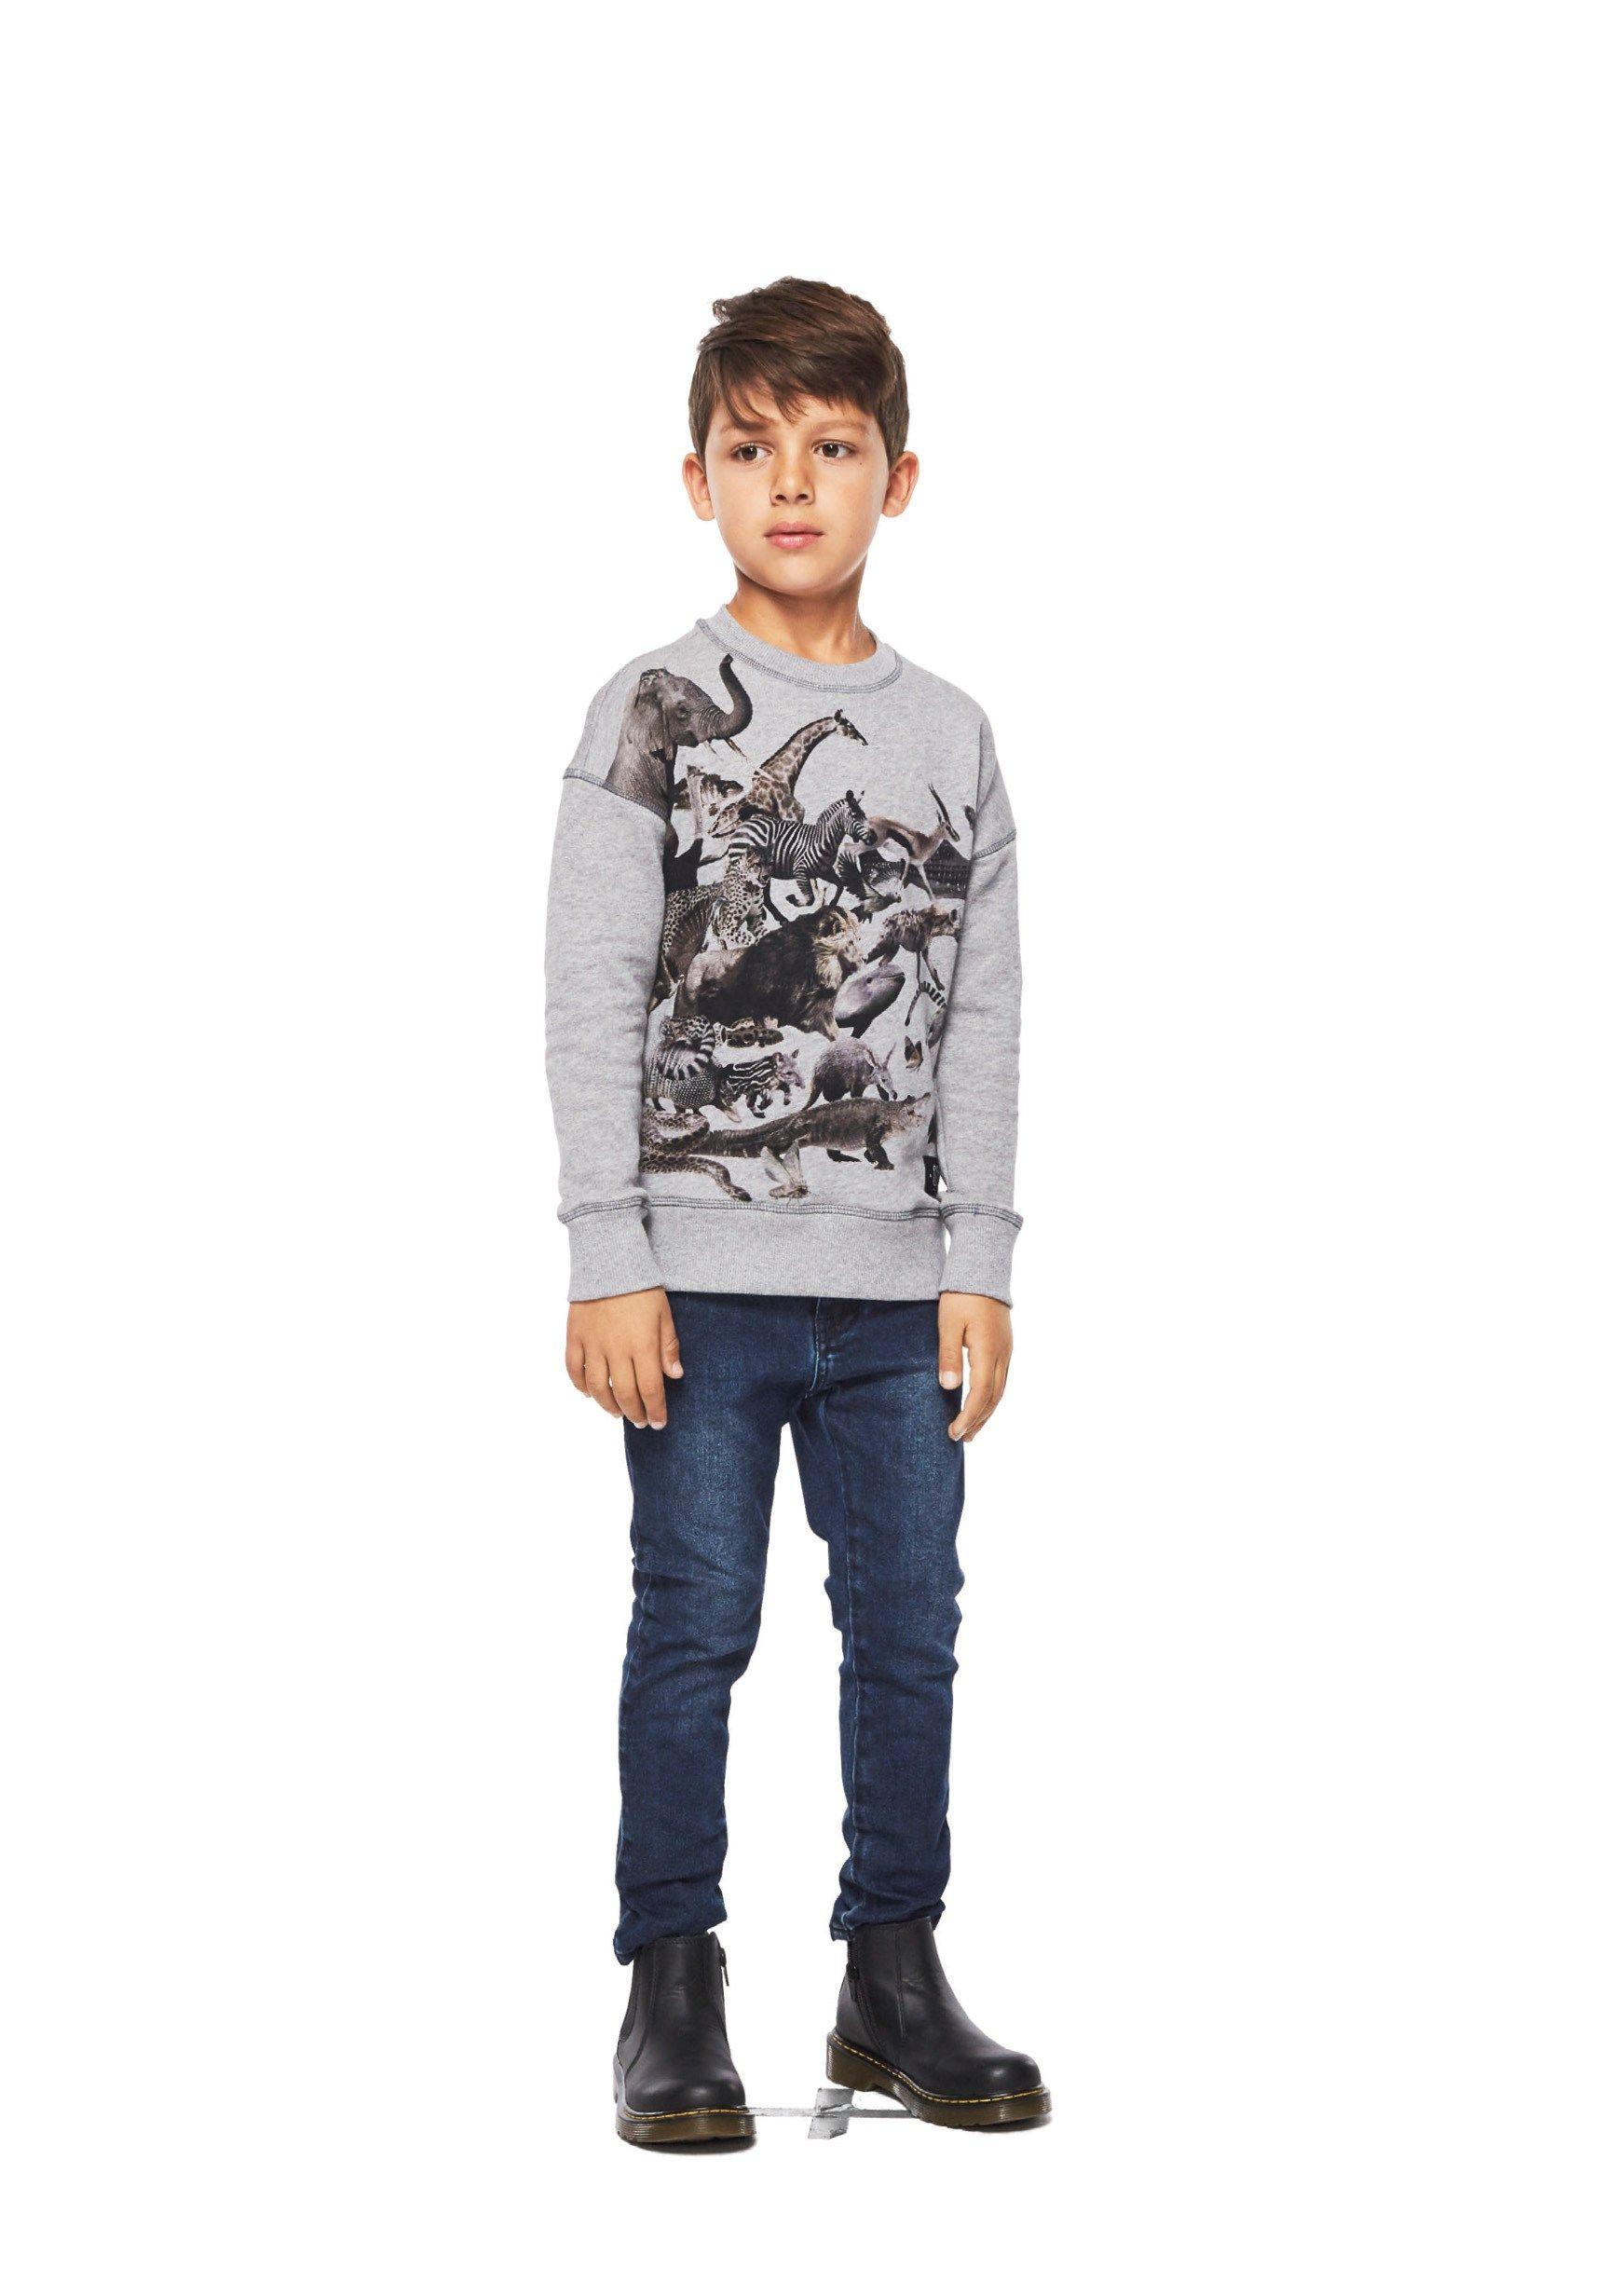 kledingmerken kids